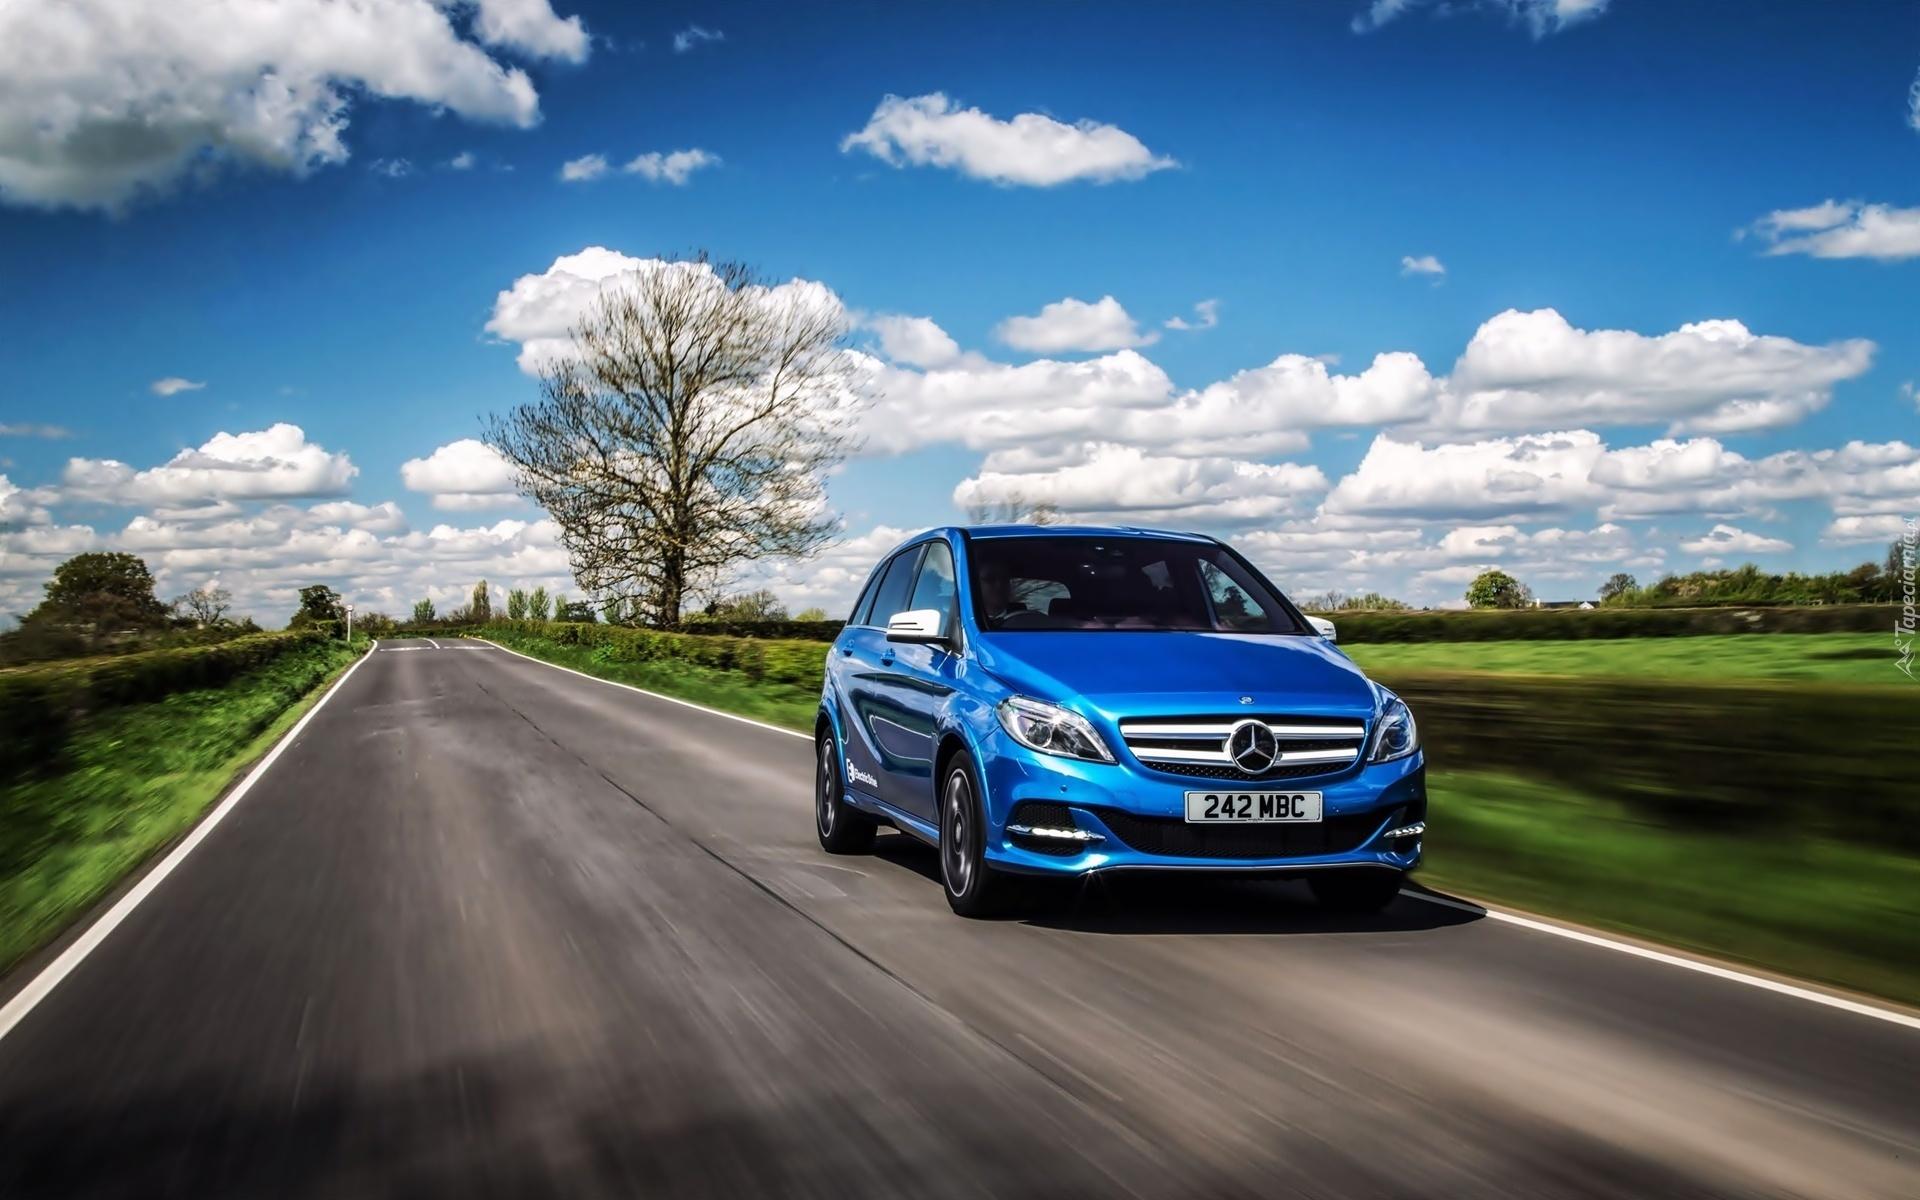 Mercedes Lincoln Ne >> Tapety : Mercedes B-klasa